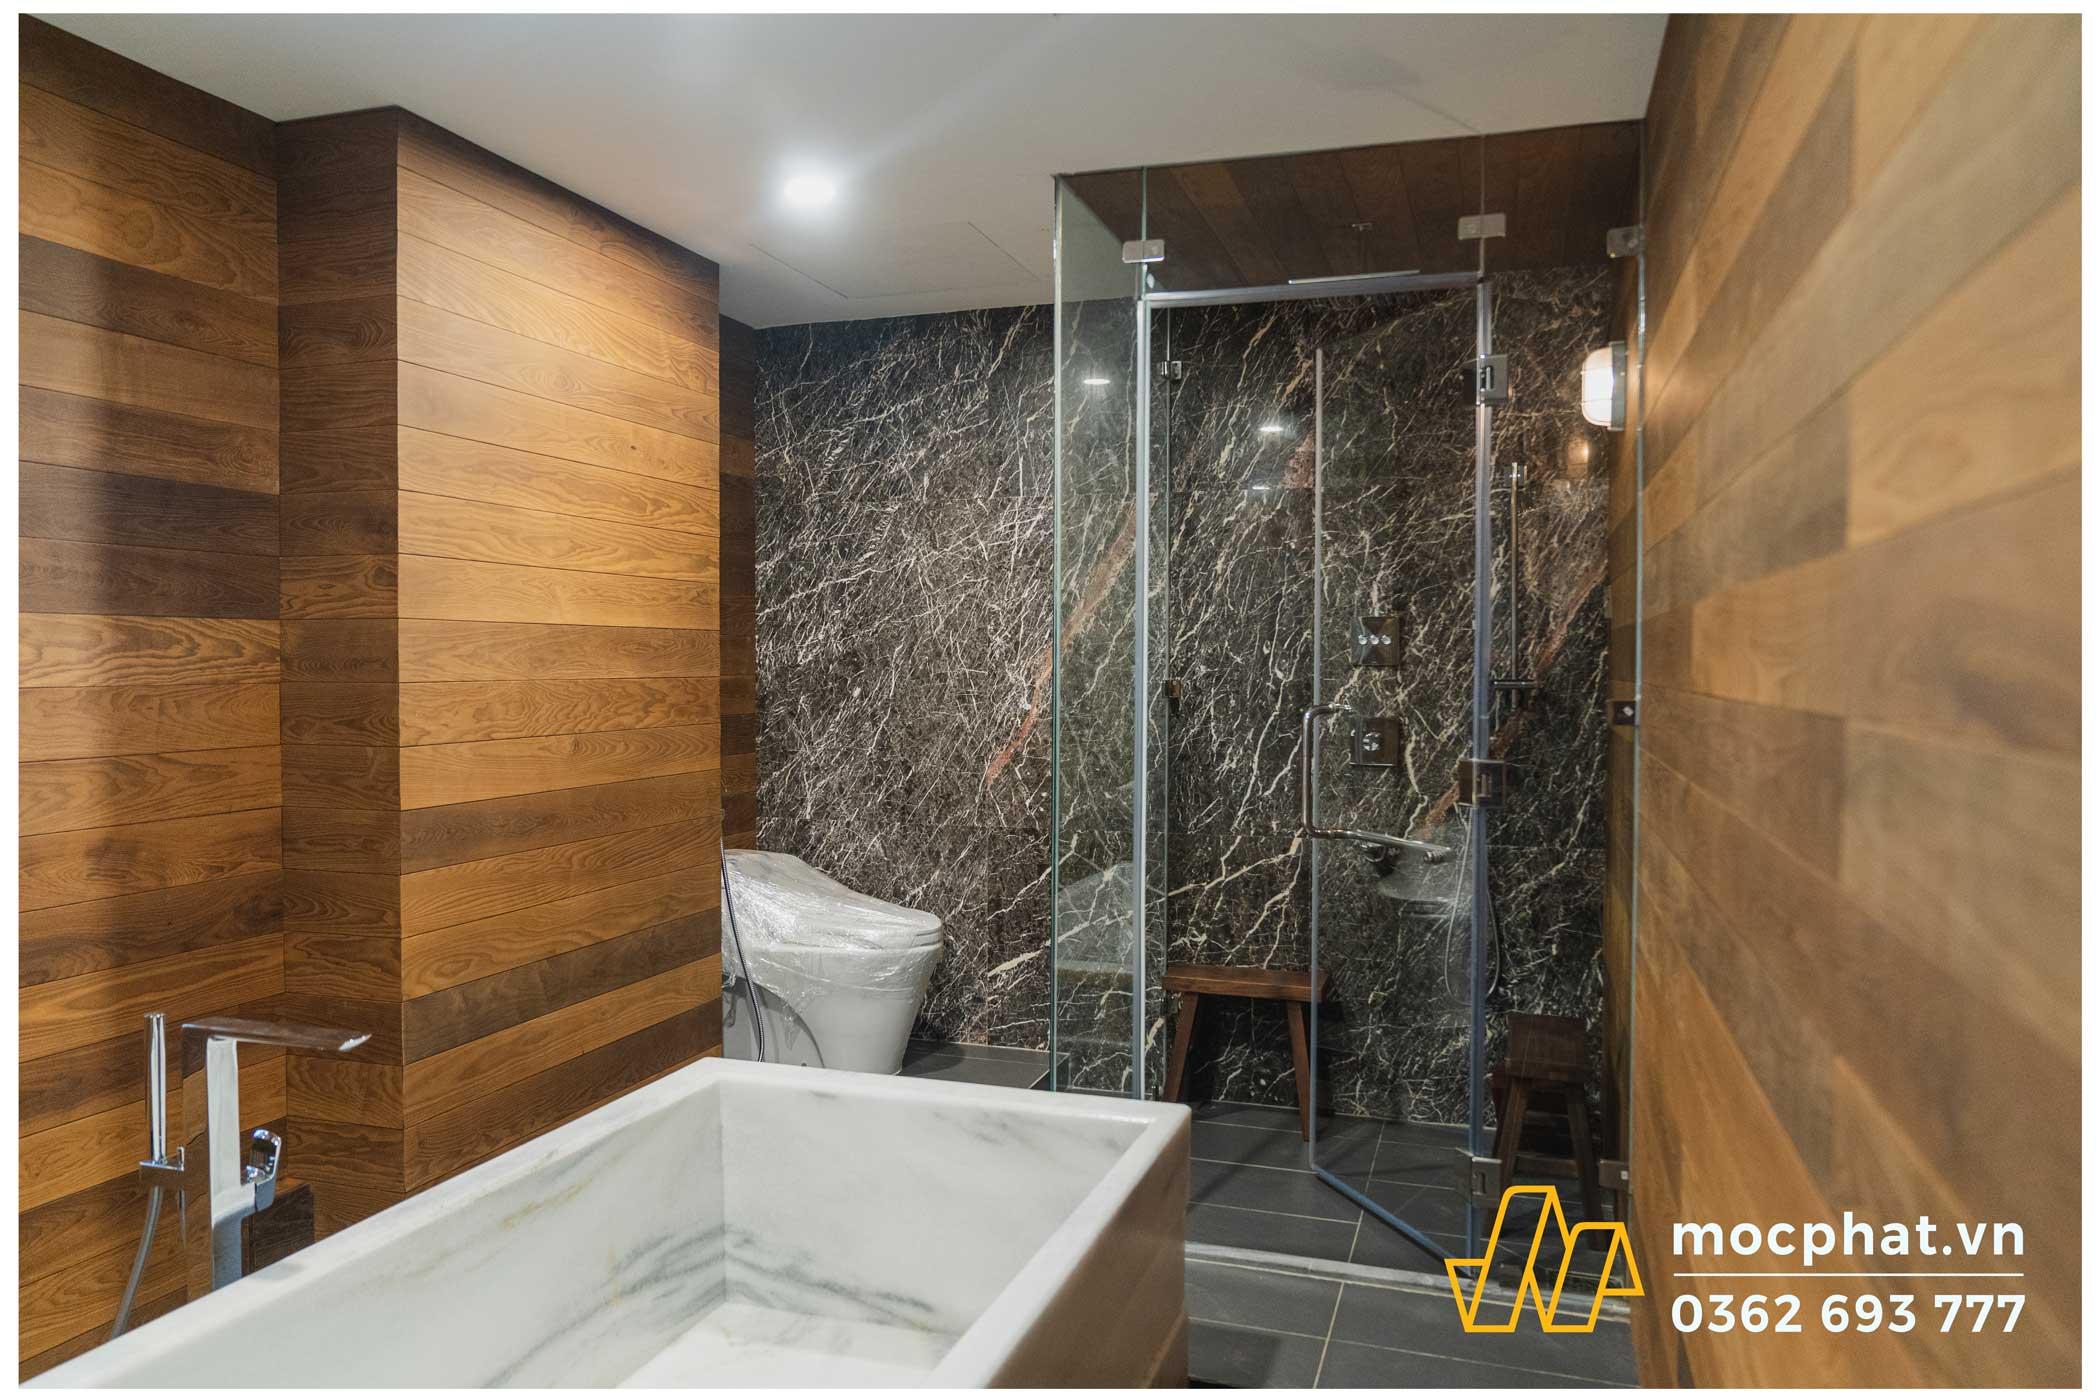 ốp tường phòng tắm